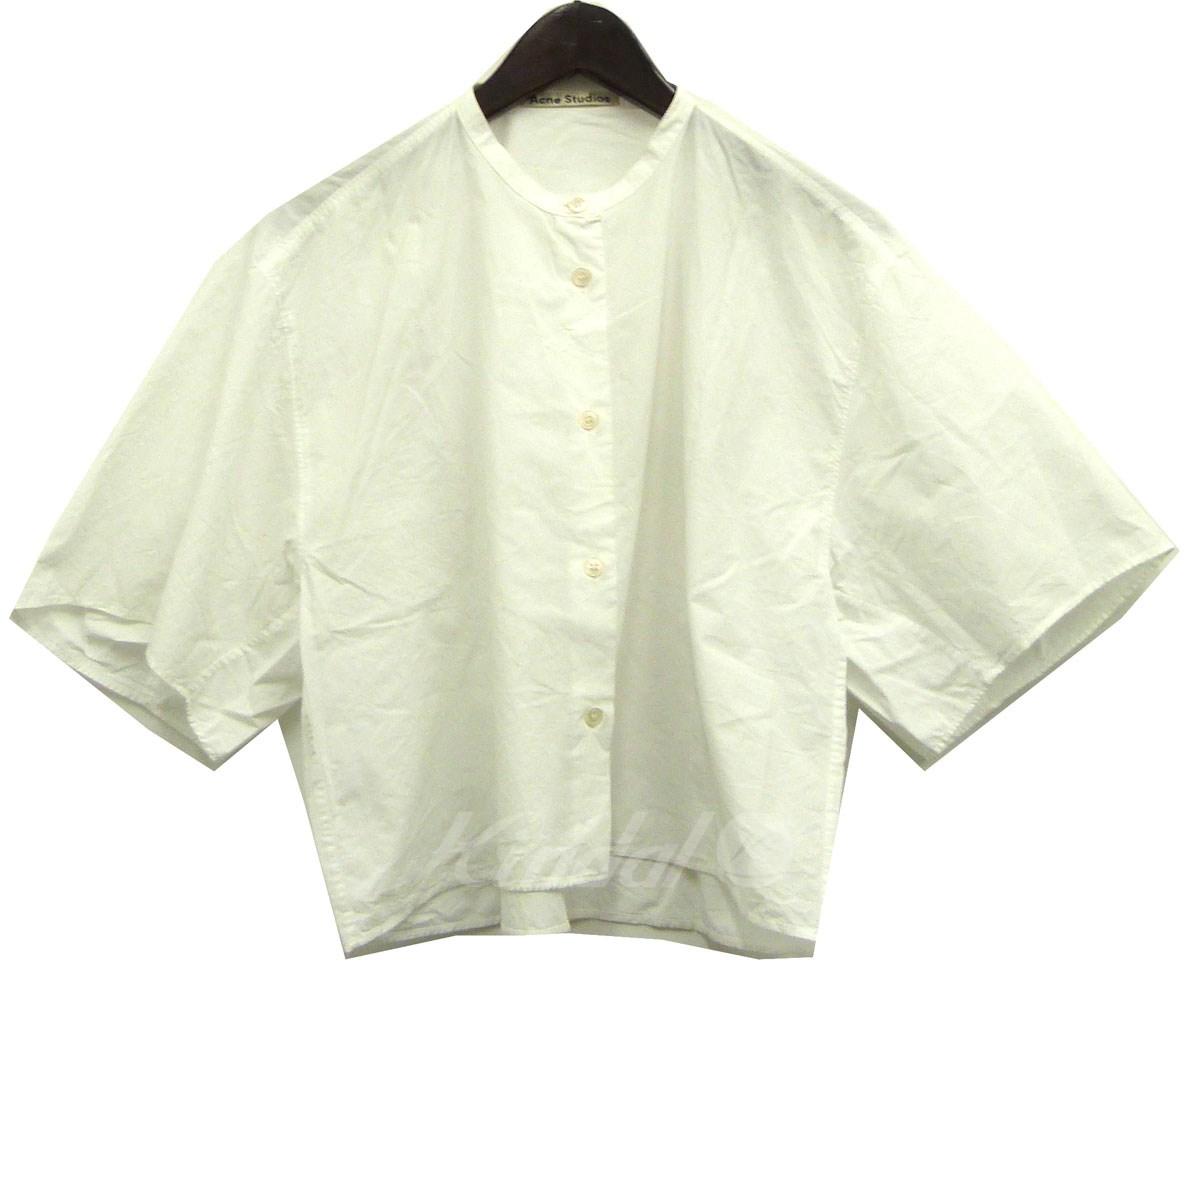 【中古】ACNE STUDIOS 17SS「BRIDGET SPOP」バンドカラーオーバーシャツ ホワイト サイズ:32 【送料無料】 【210618】(アクネストゥディオズ)